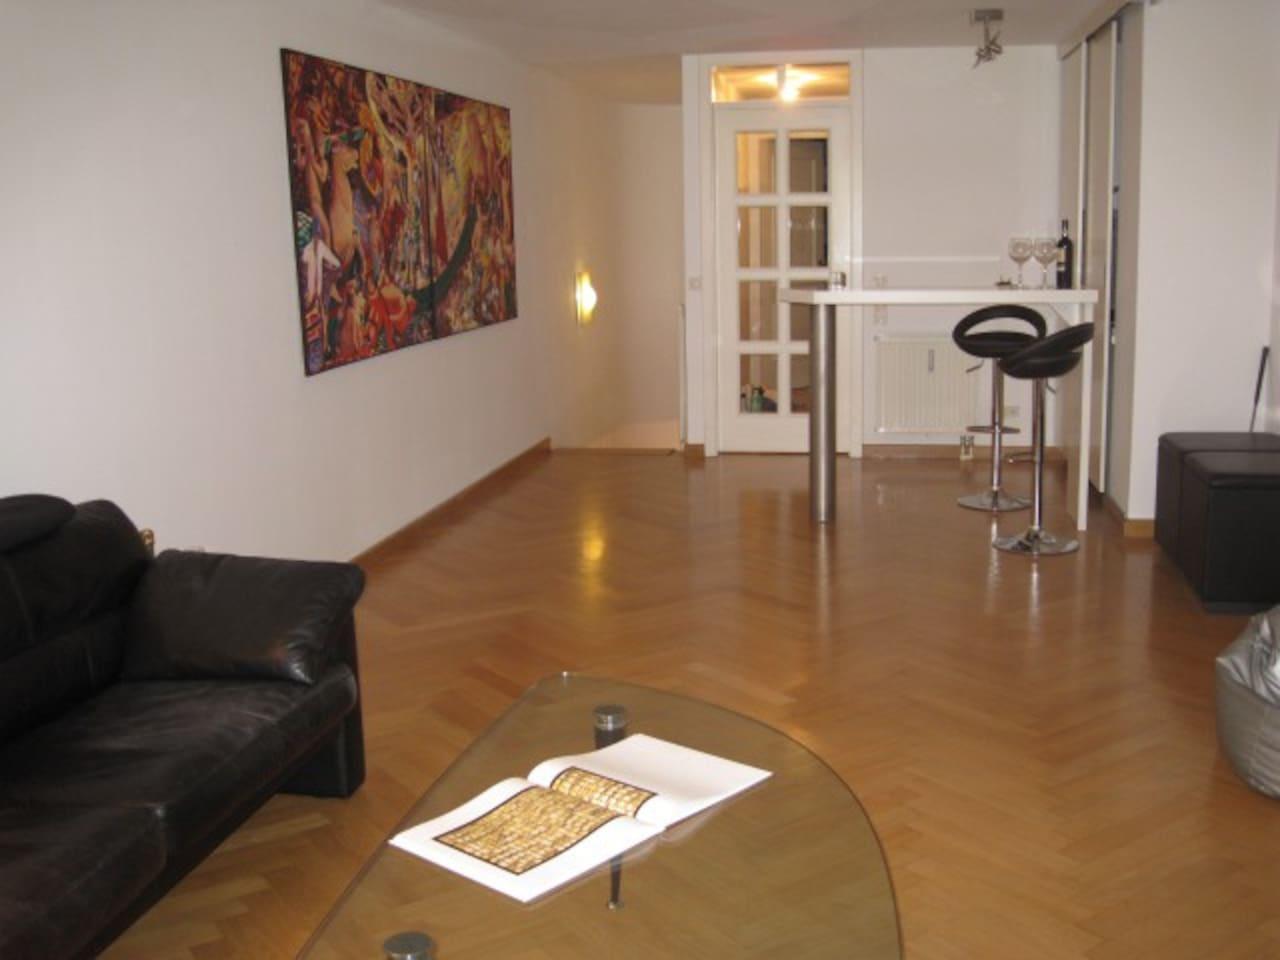 Geräumiges Wohnzimmer mit stylischer Bar